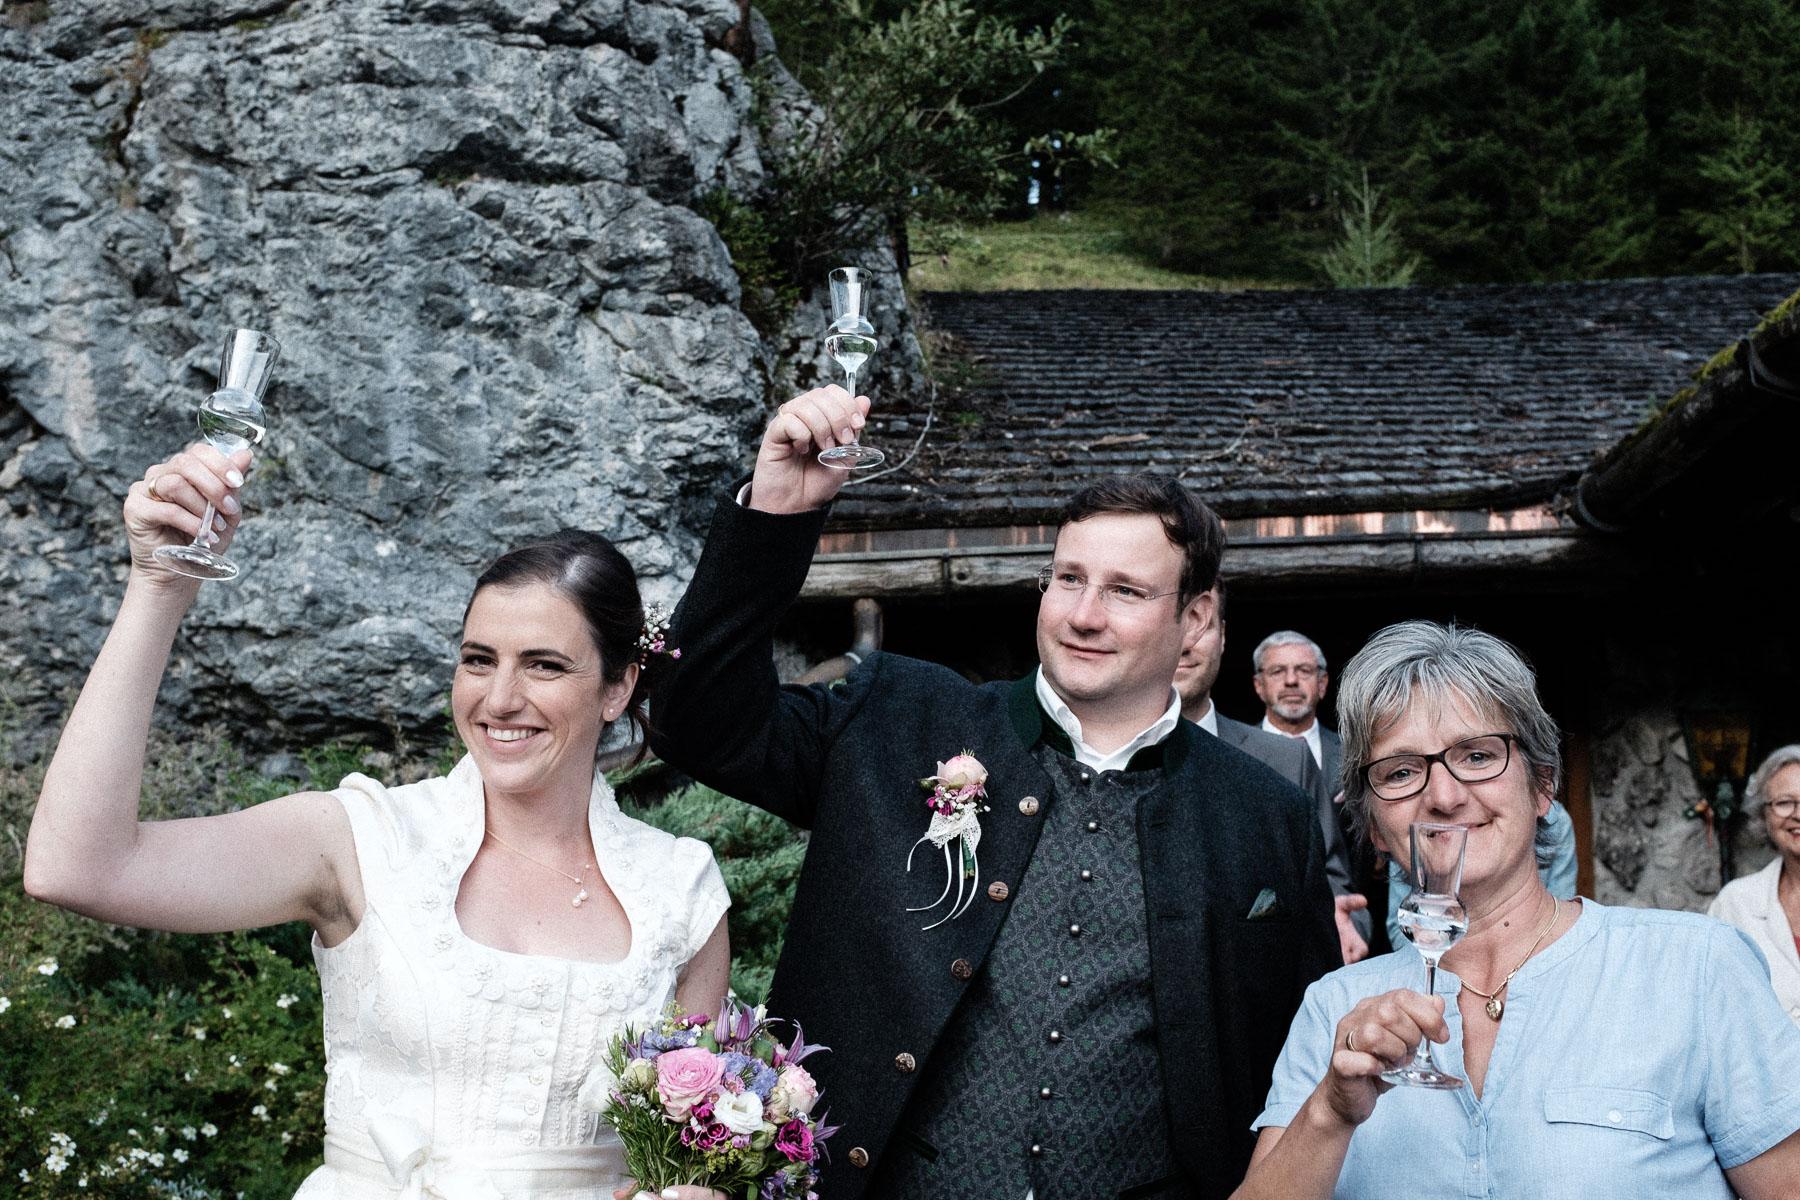 MartinLiebl_Hochzeitsfotograf_DPH_Blog_64.jpg